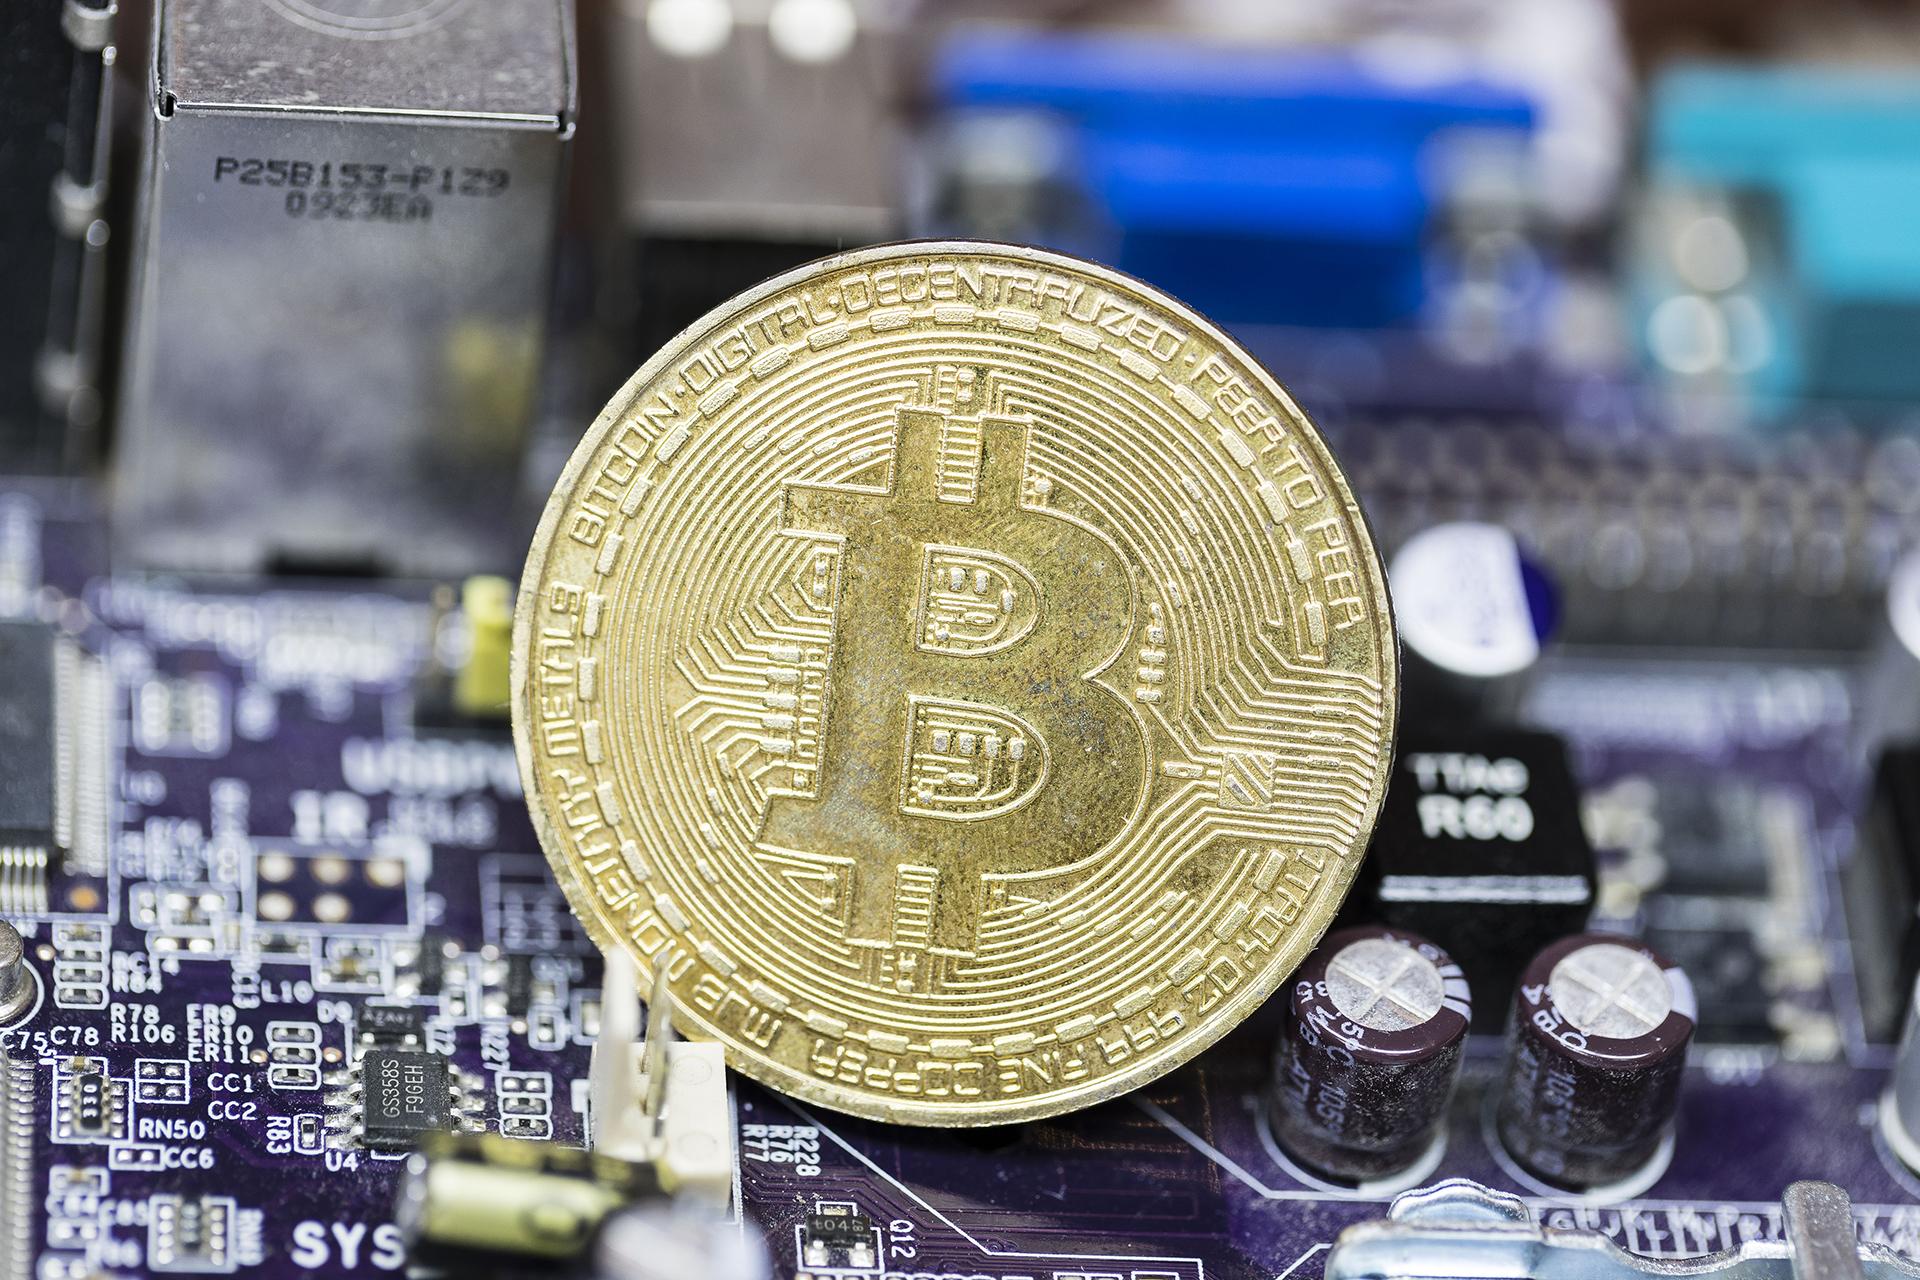 Las criptomonedas como bitcoin se generan con poder de procesamiento que proviene de una red de computadoras distribuidas alrededor del mundo(Getty)